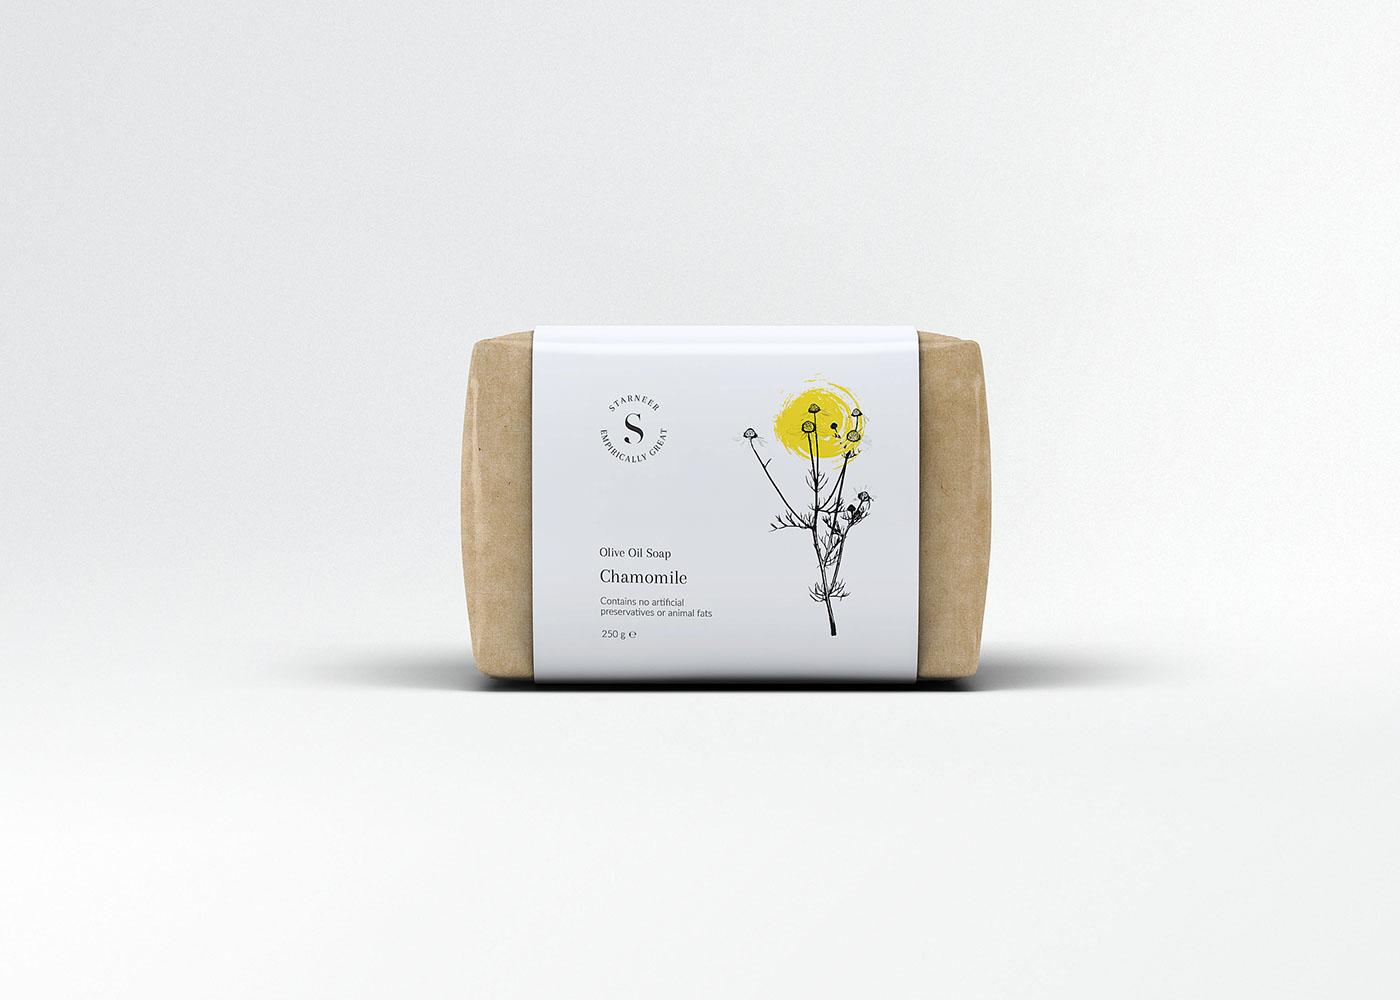 細緻的32套肥皂包裝欣賞